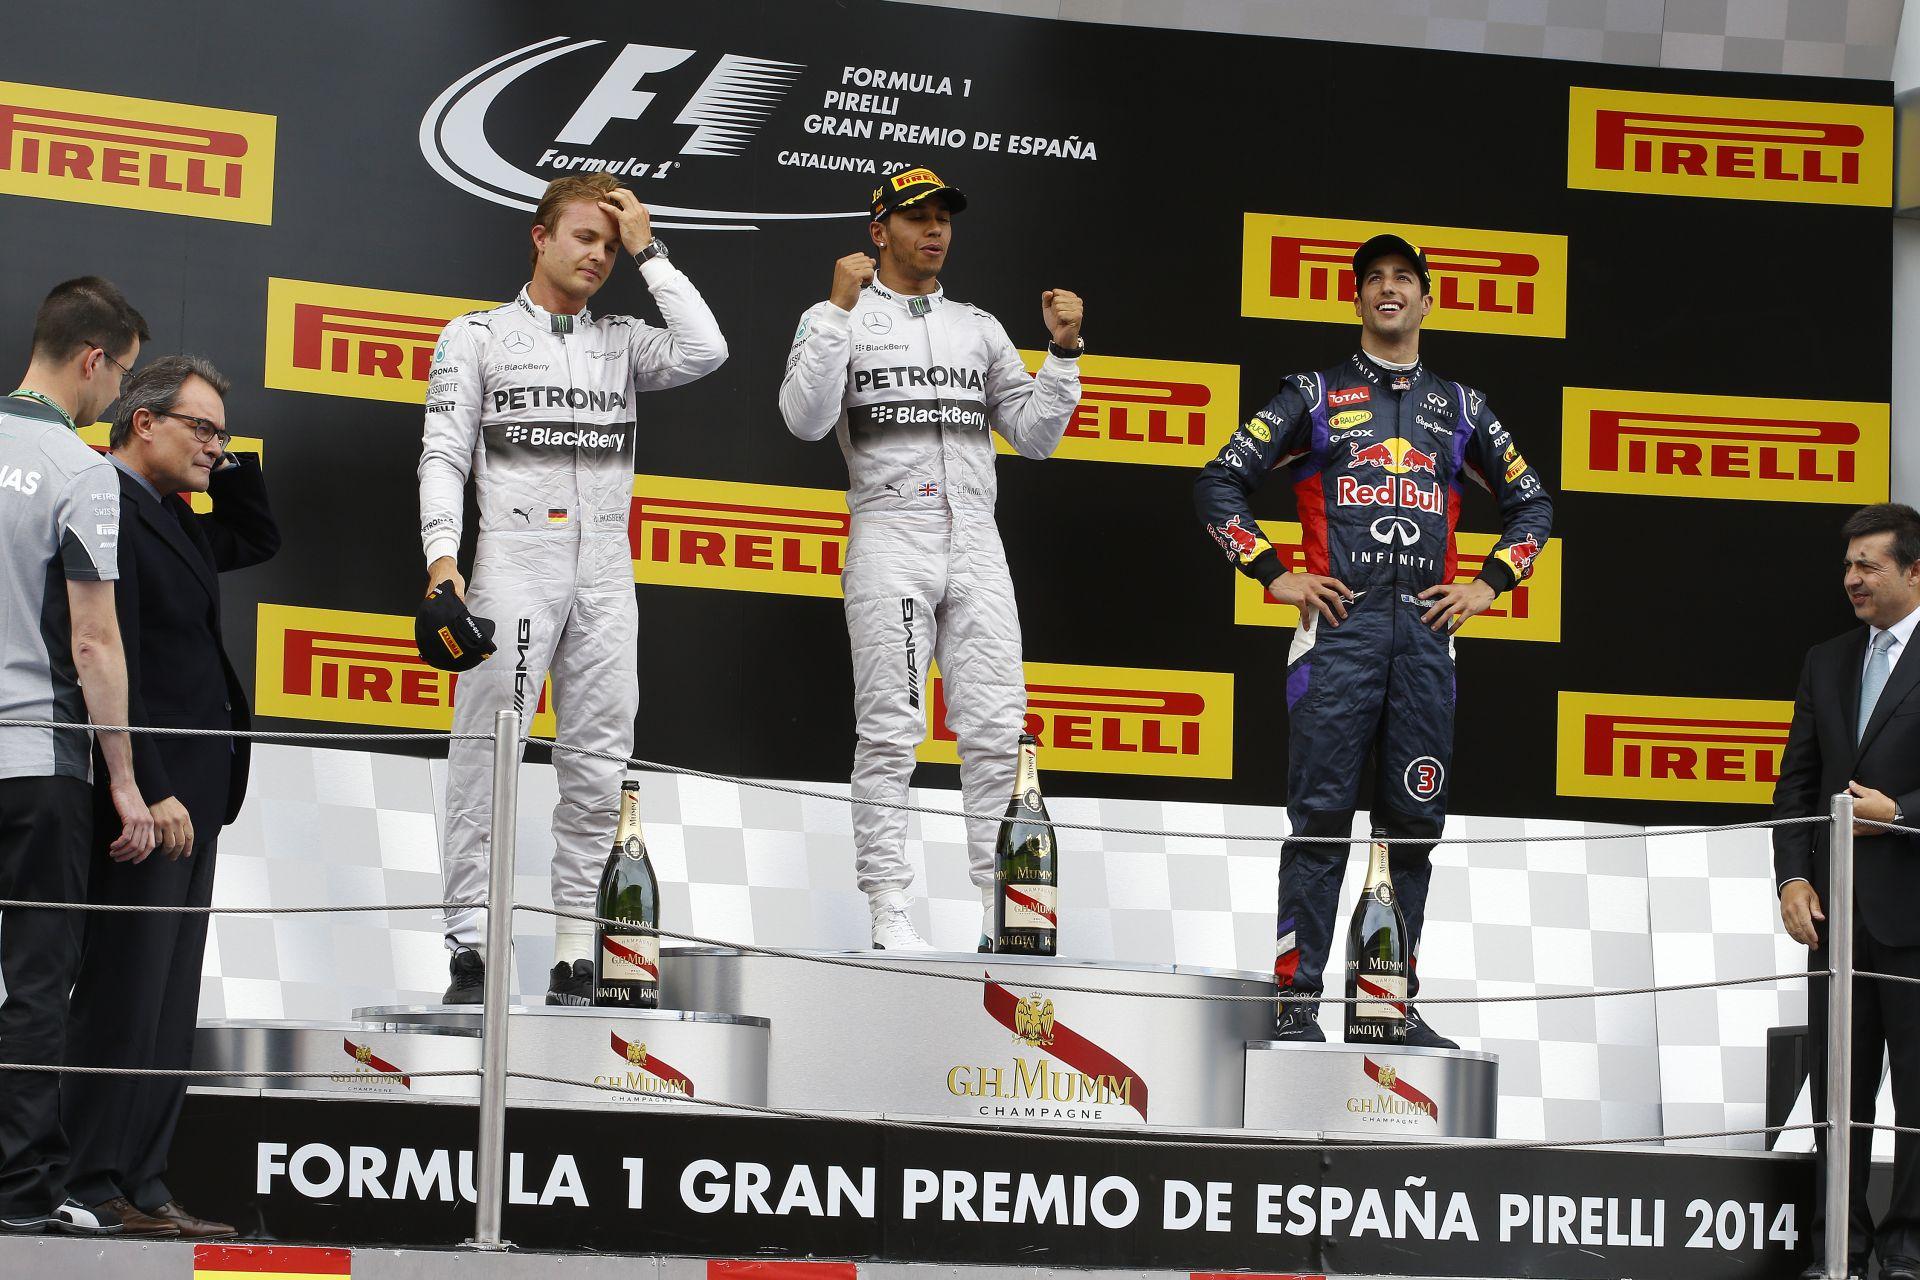 Hamilton nyerte a Spanyol Nagydíjat a Mercedes űrhajójával! Alonso hazai pályán vadászta le Raikkönent! Vettel nagyot ment!